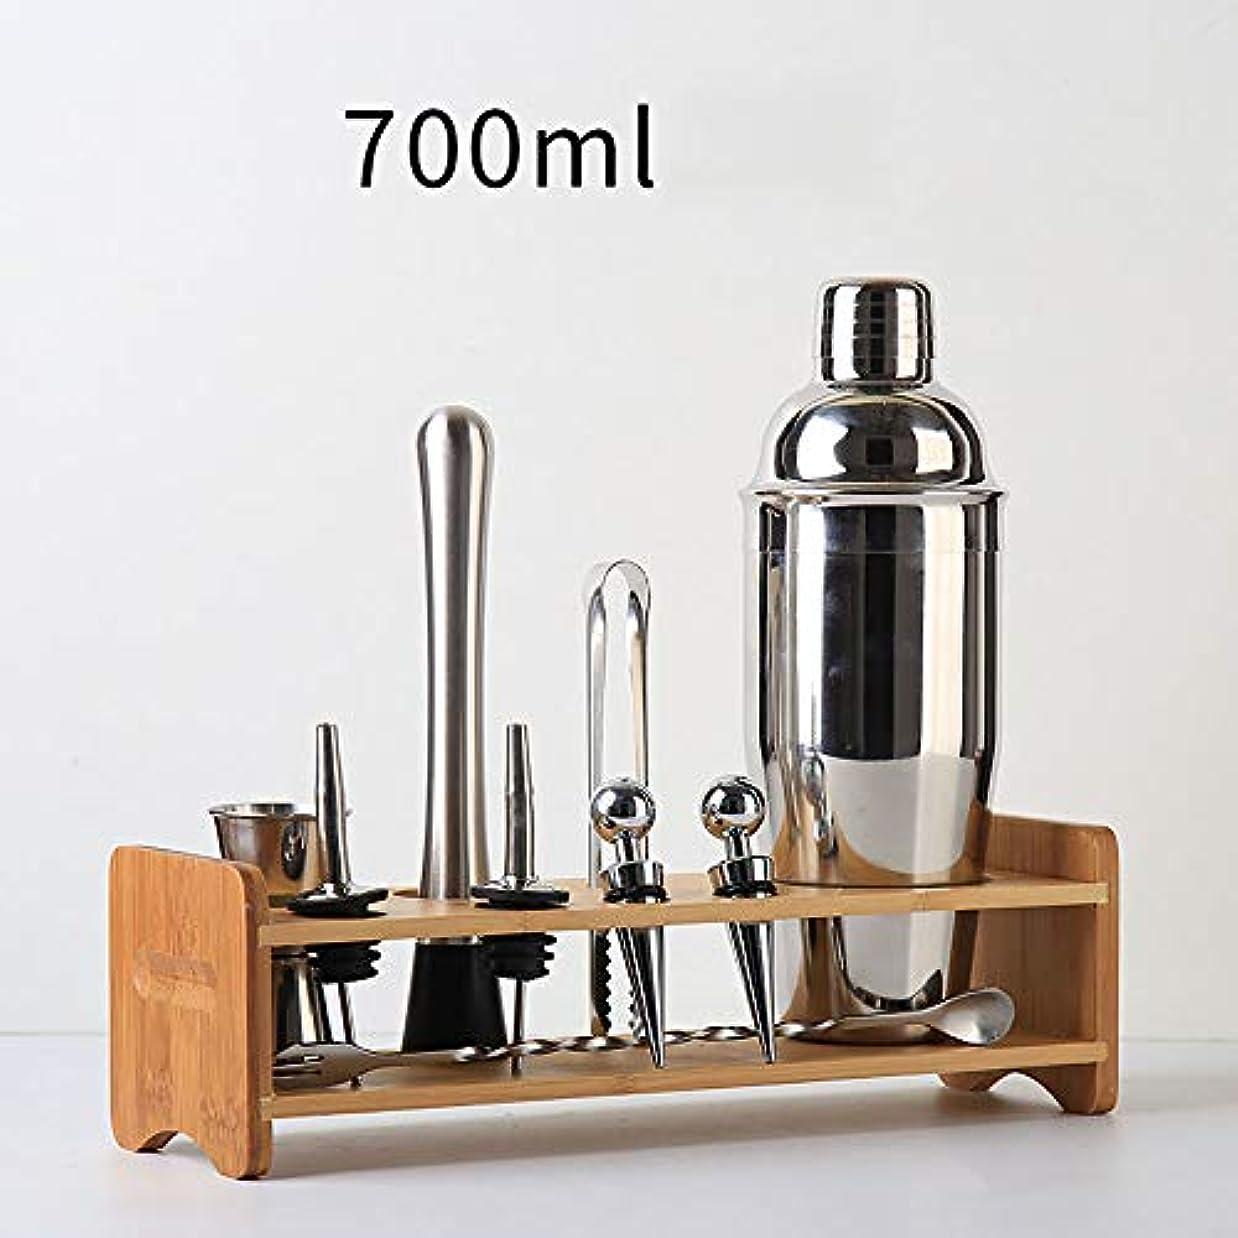 無効ナンセンス追うShike Cup Cocktail Shaker、ステンレススチールハンドシェイクシェーカー、Tea Shop Xueke Pot Bar Tool Set、Beverage Mix Professional Bartender...